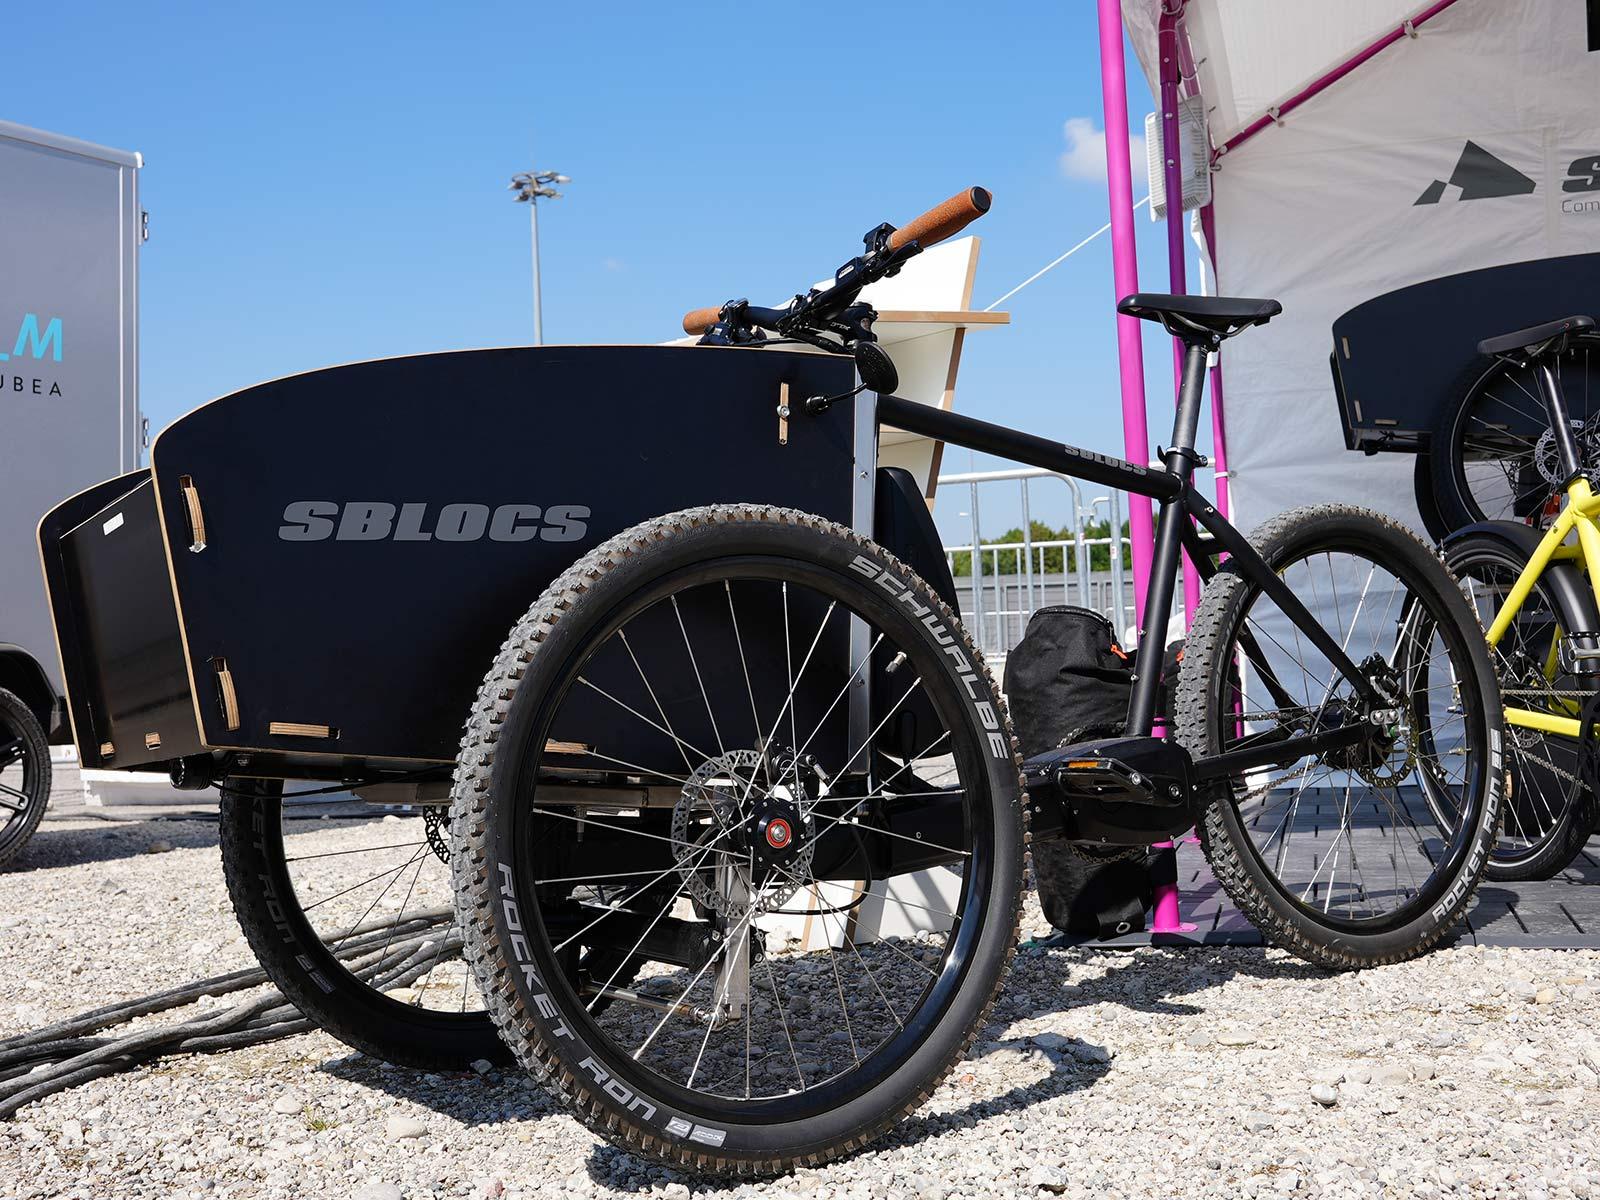 Nákladní kola získají na Eurobike 2021 větší, odvážnější design a technologii